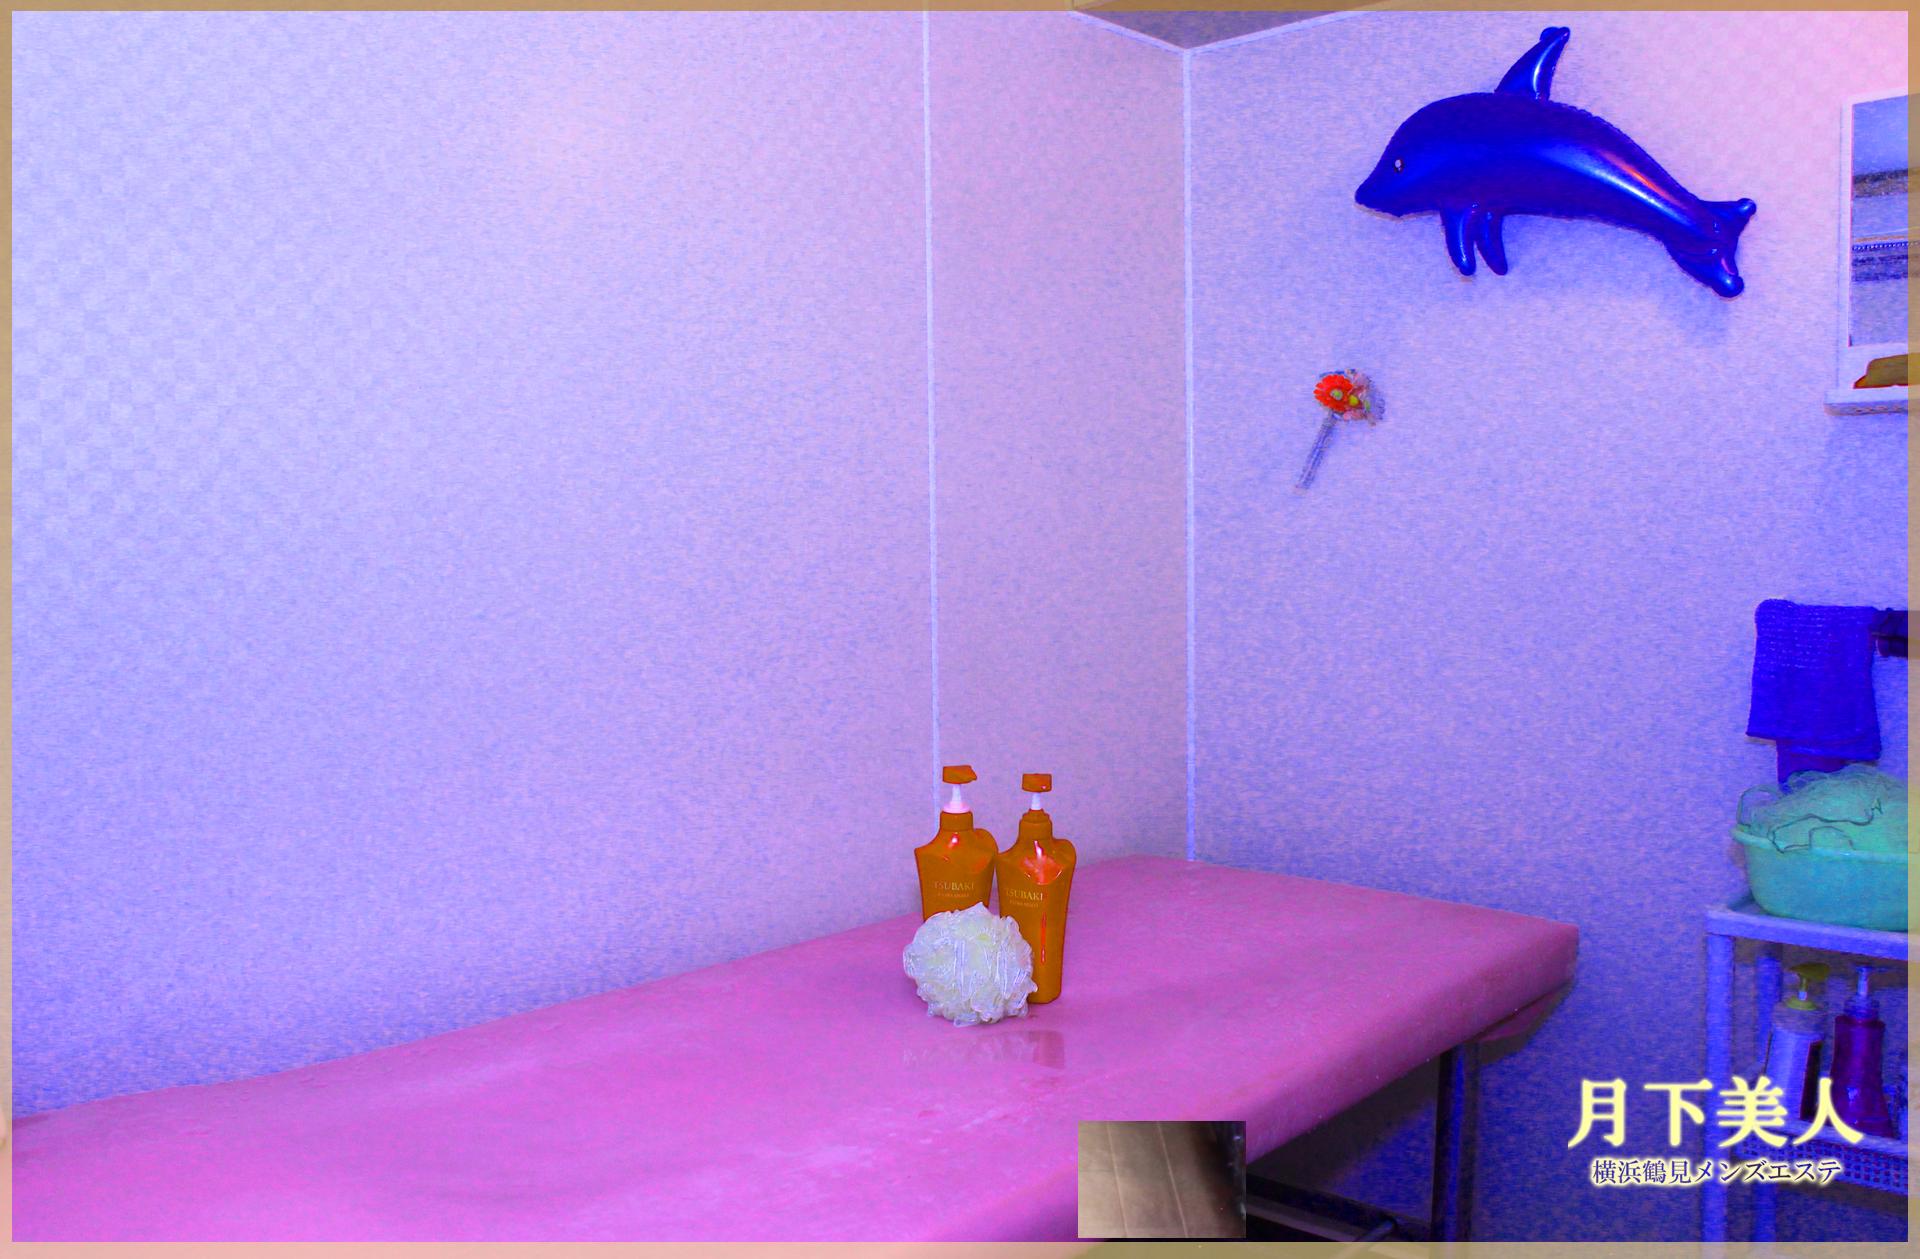 アカスリと泡泡洗体をするためのシャワールーム